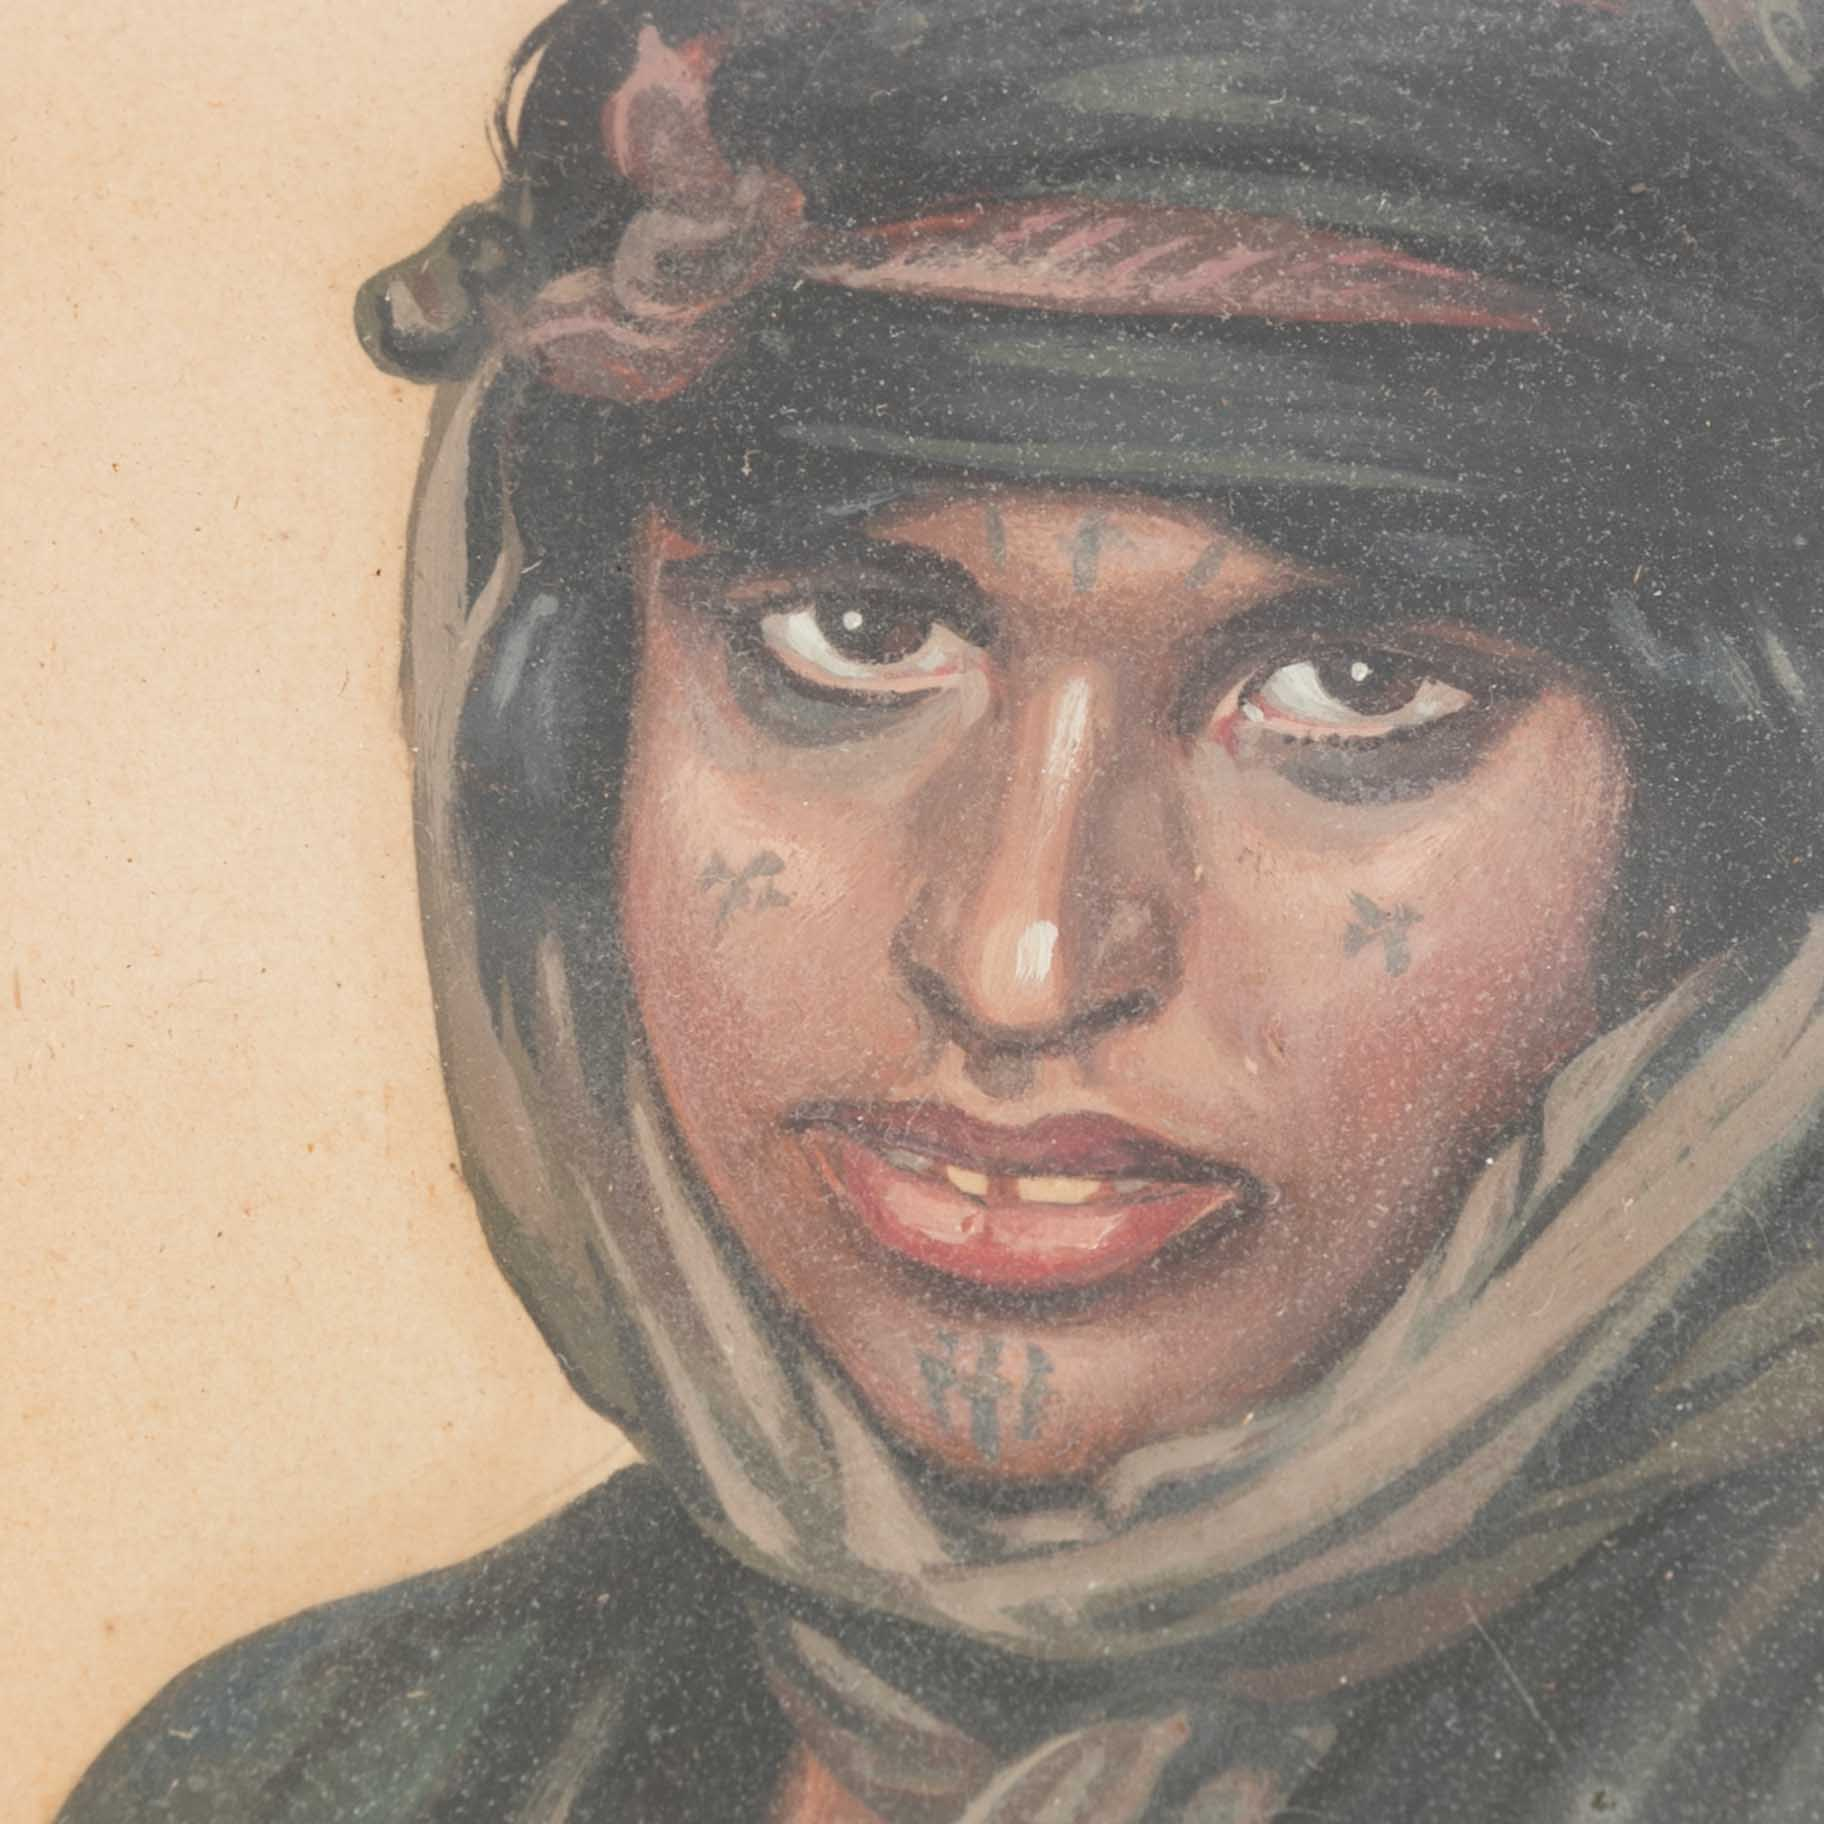 portraits-bedouin-tunisien-150818-26.jpg